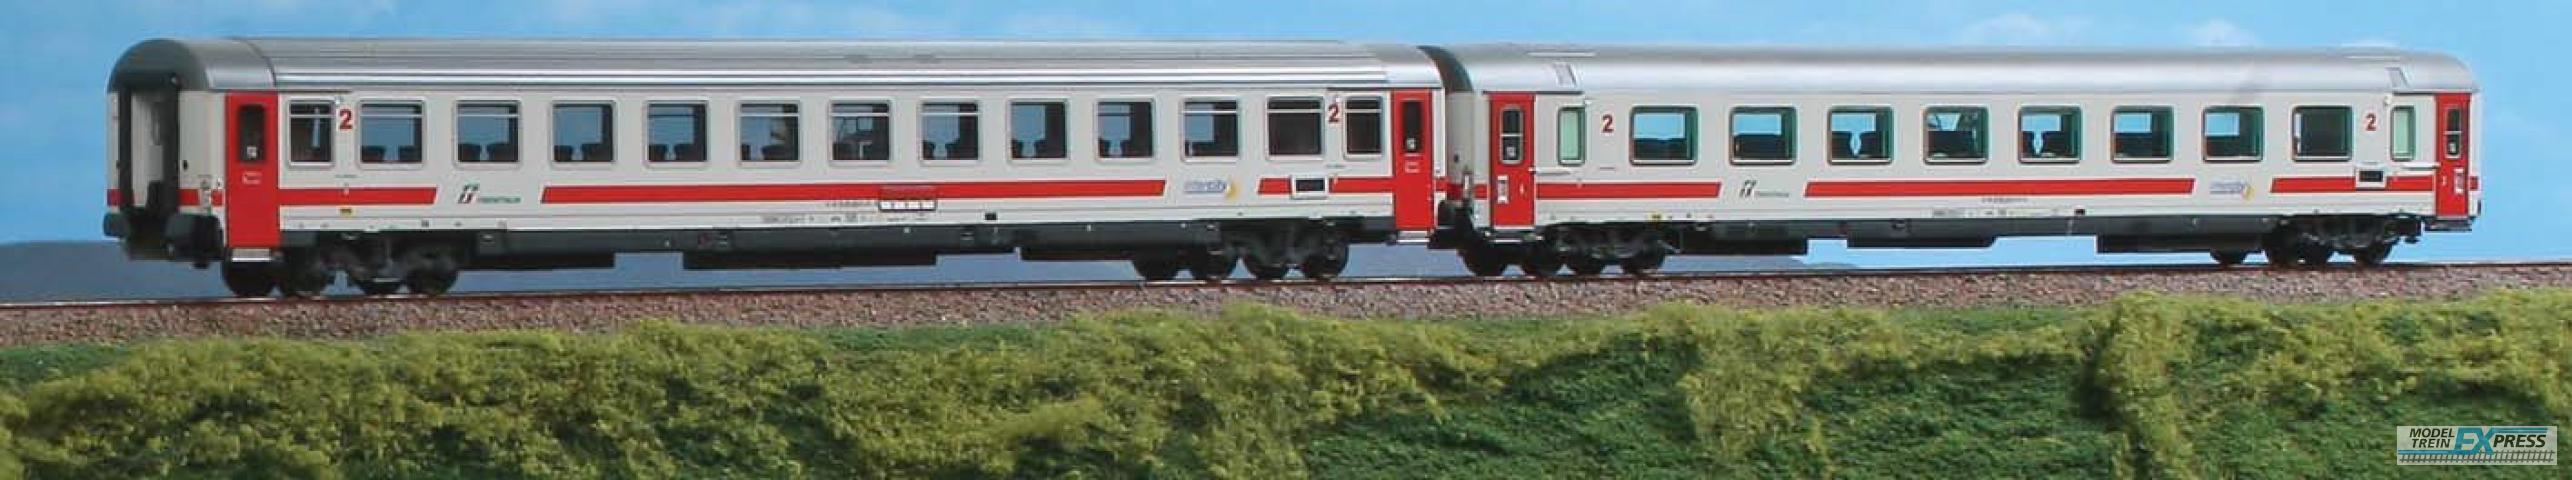 ACME 55196